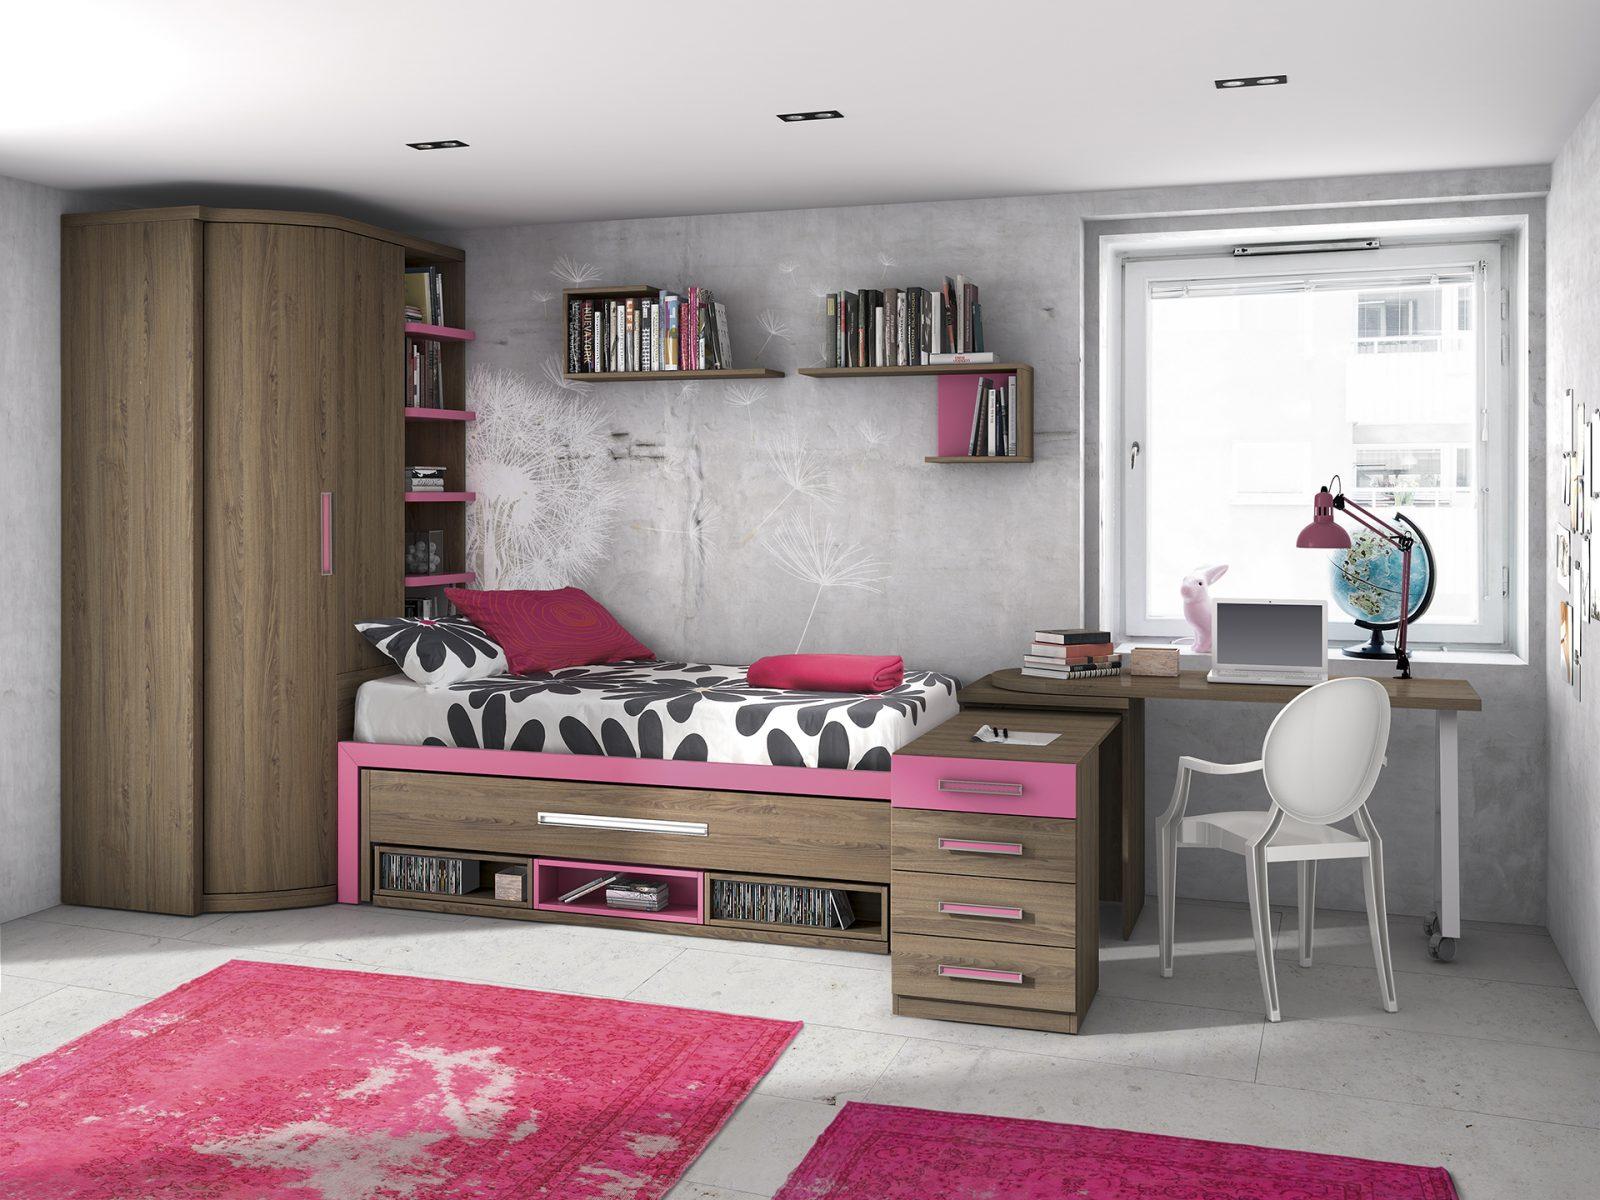 Venta de Dormitorios juveniles e infantiles en Valladolid